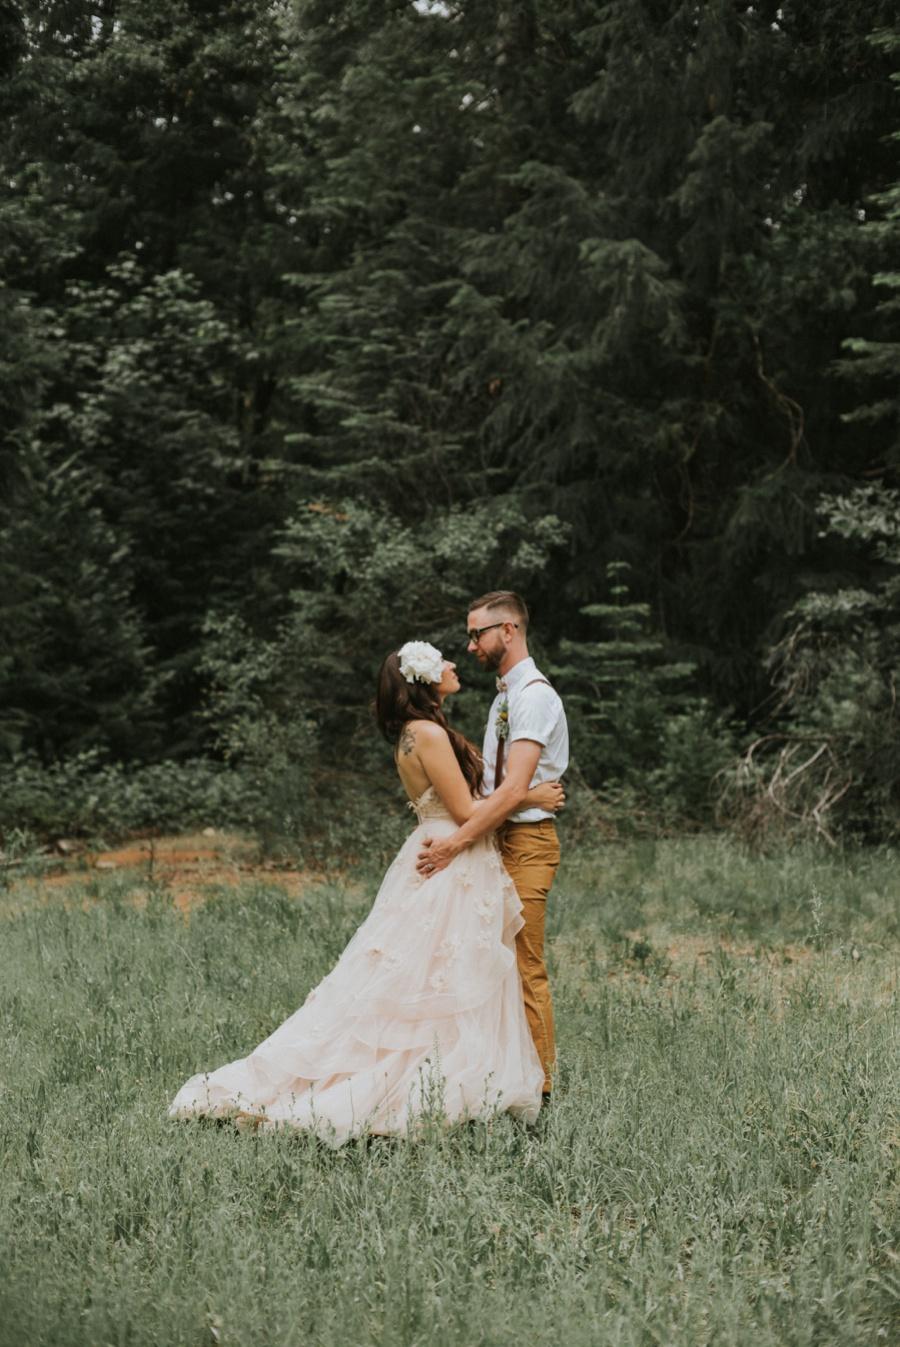 eloping in a field